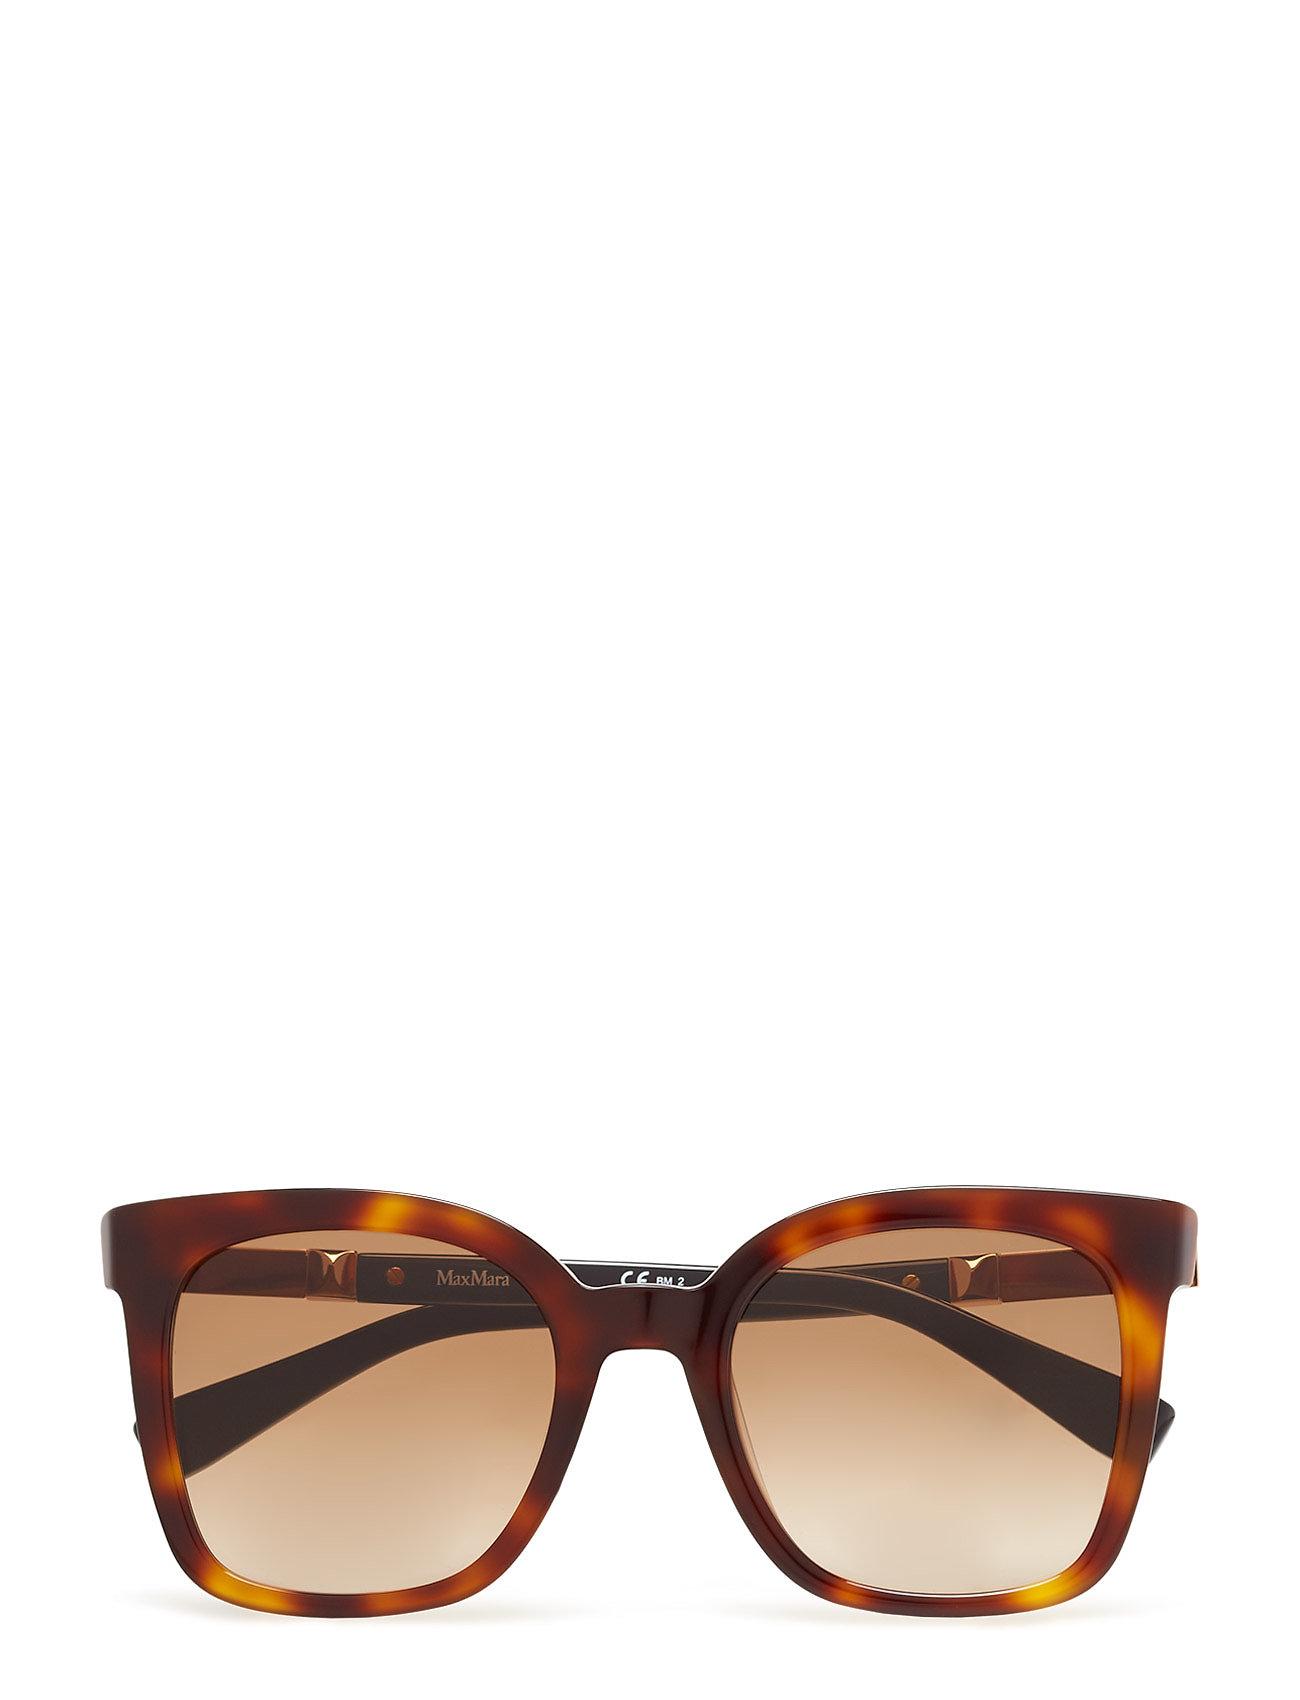 Mm Gemini I MAXMARA Sunglasses Solbriller til Damer i Brun